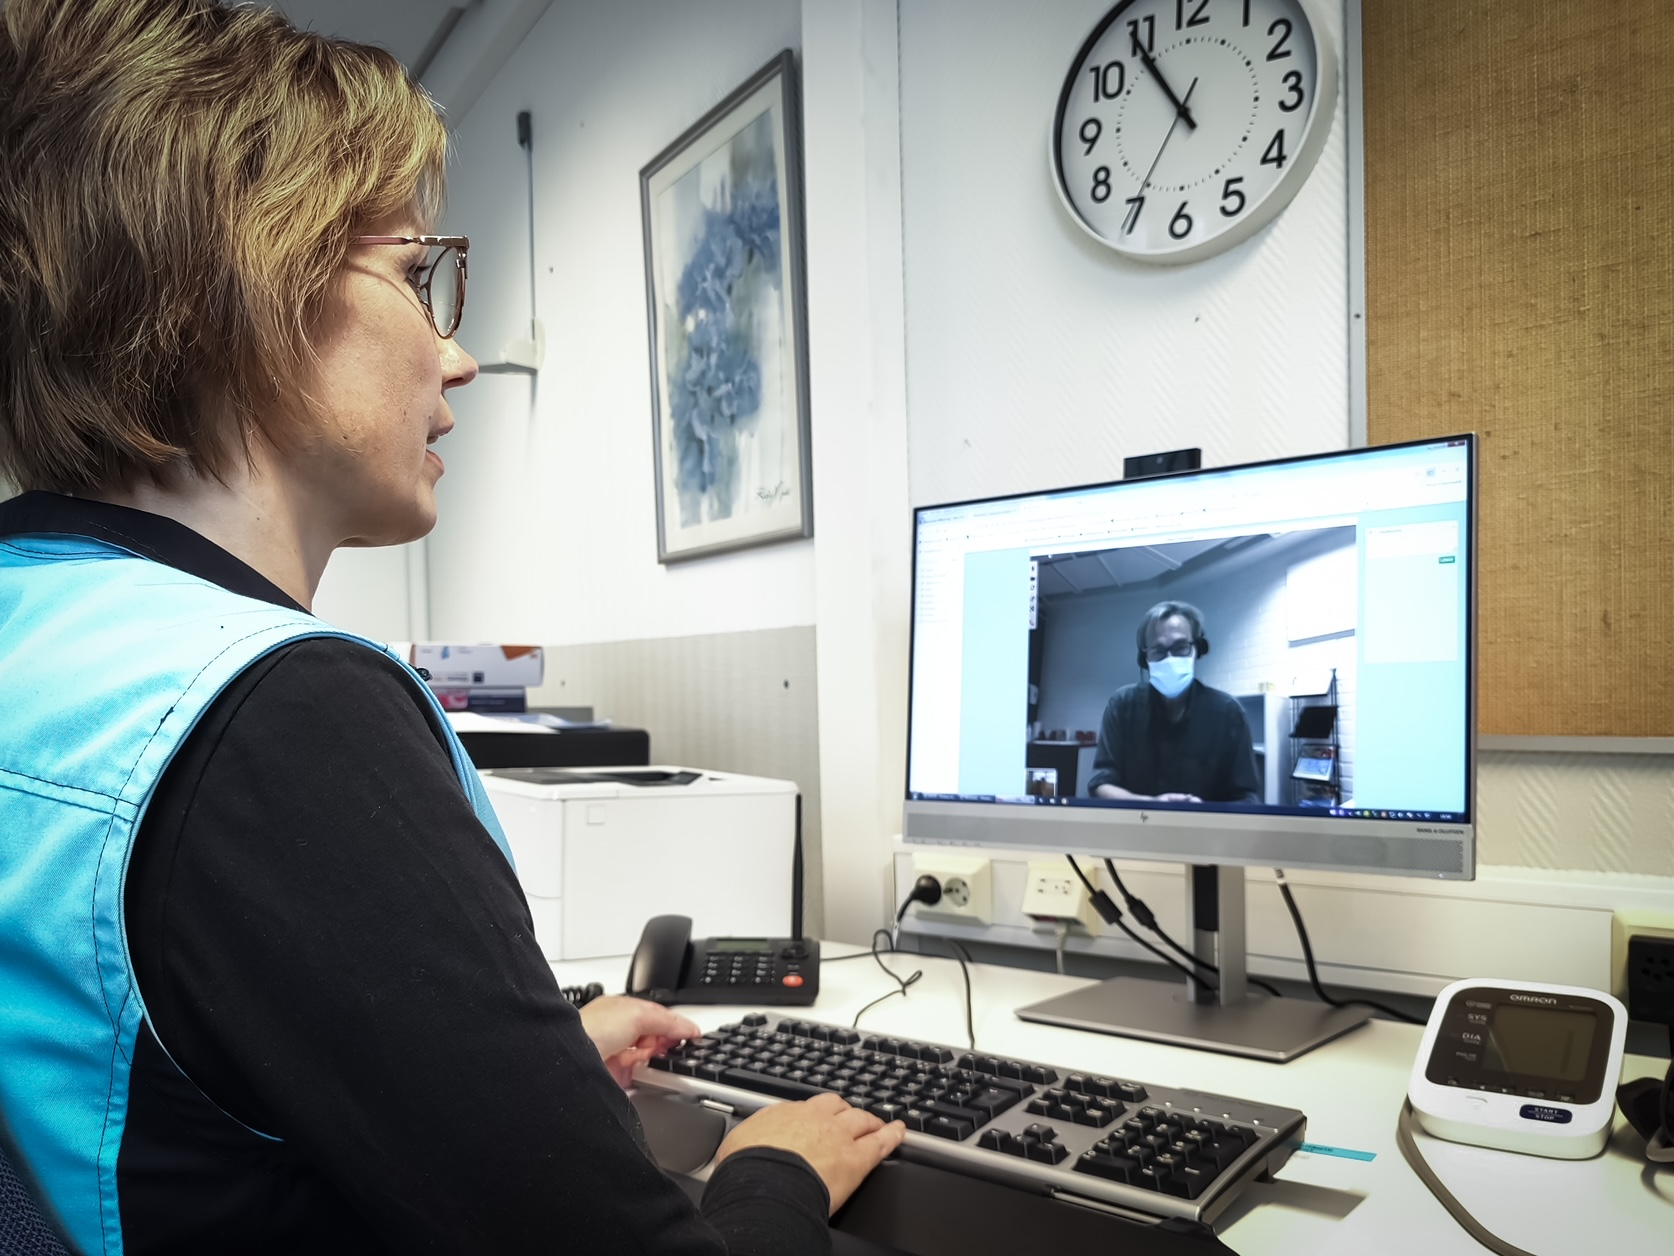 Härmämedi – digitaalisen etäasioinnin ratkaisut tukevat laadukasta lähivastaanottopalvelua